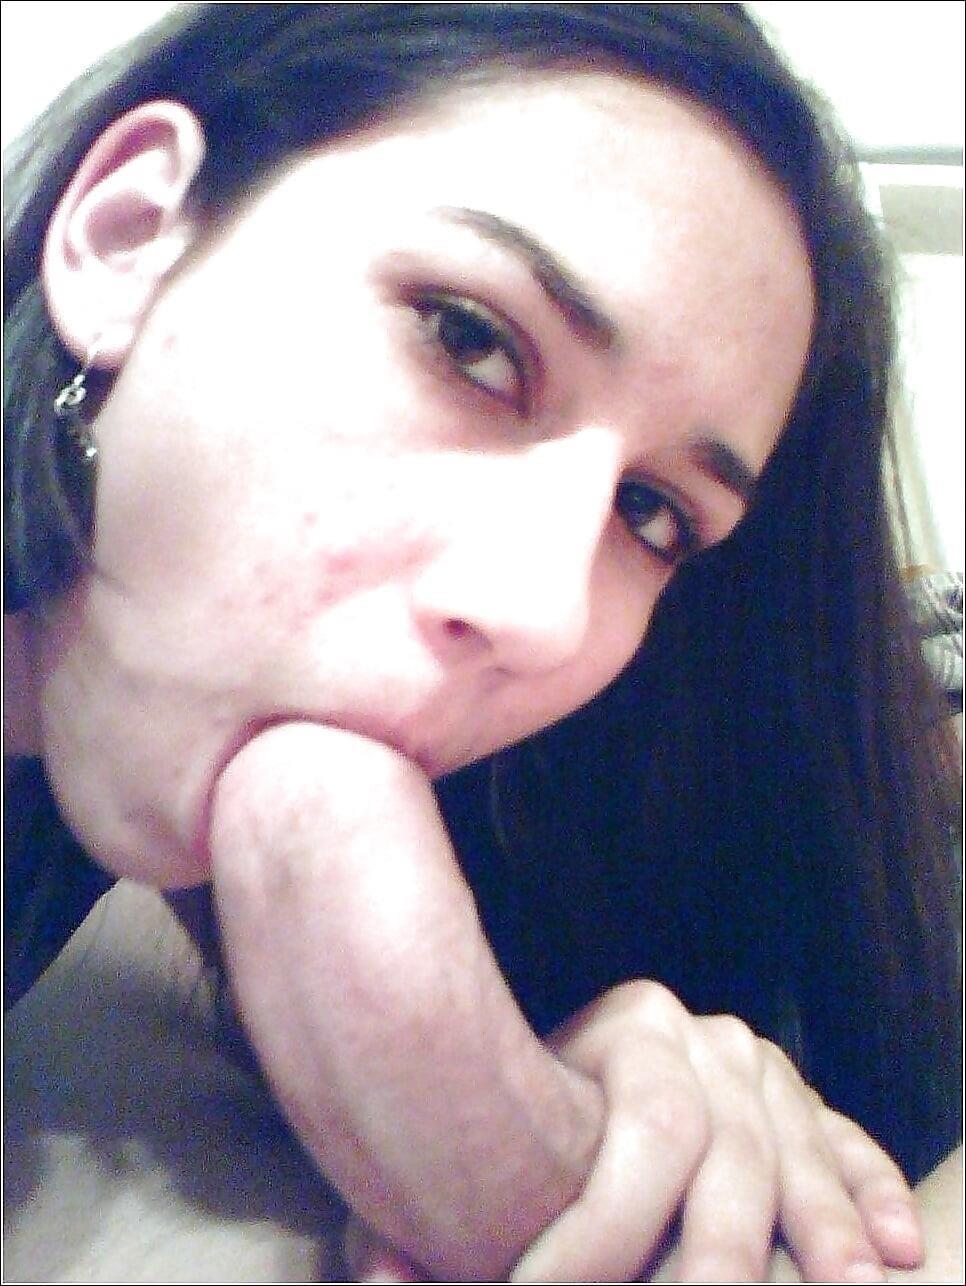 Teen blowjob pics-2715